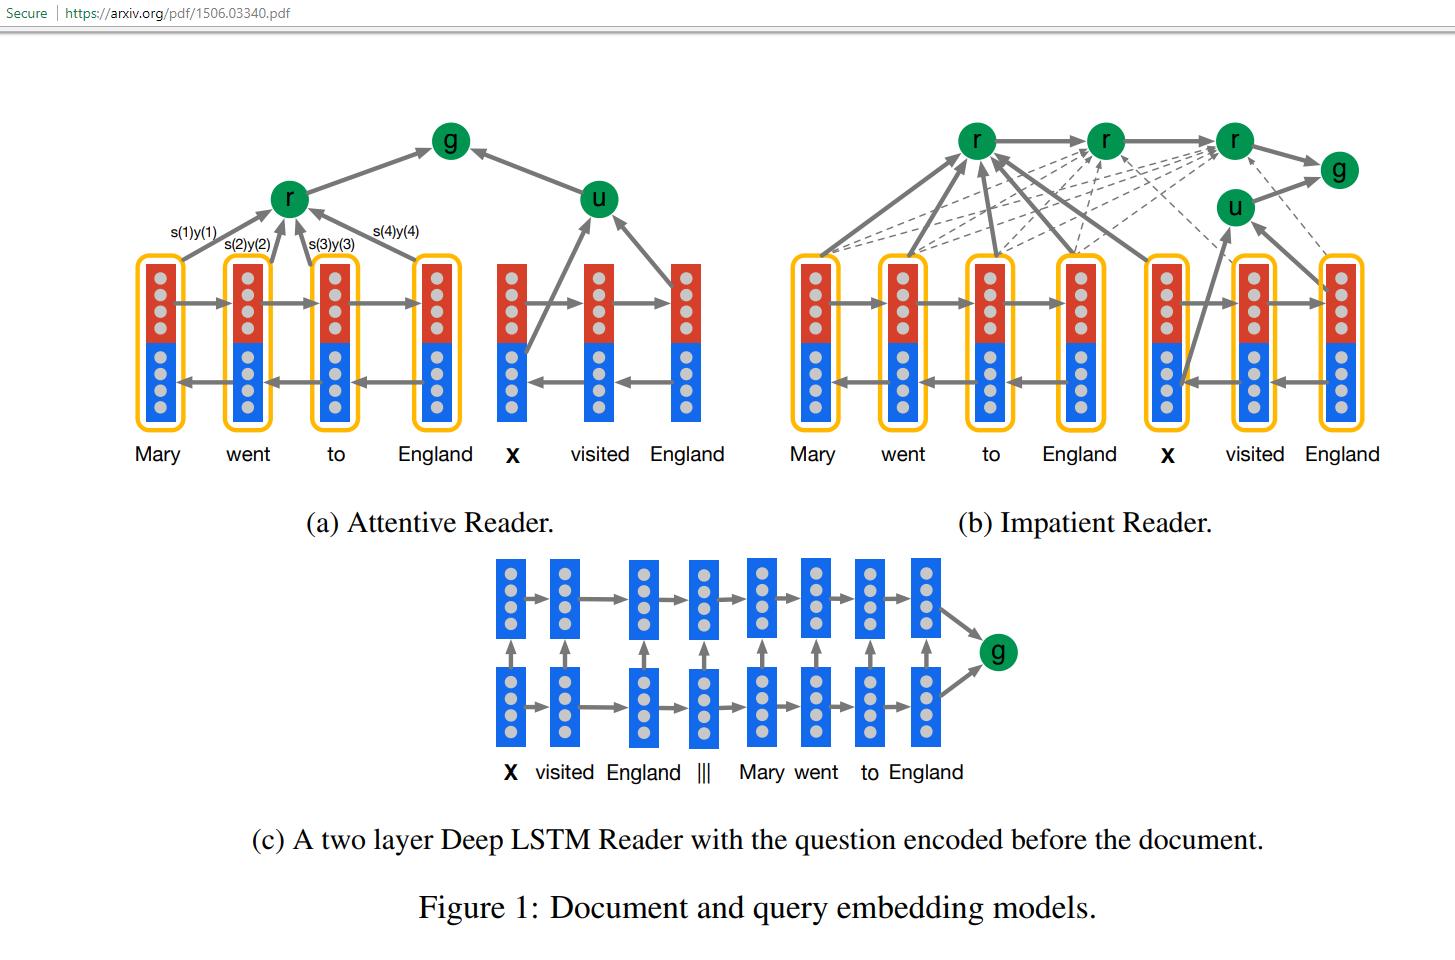 2 Layer Deep LSTM Reader Teaching an AI